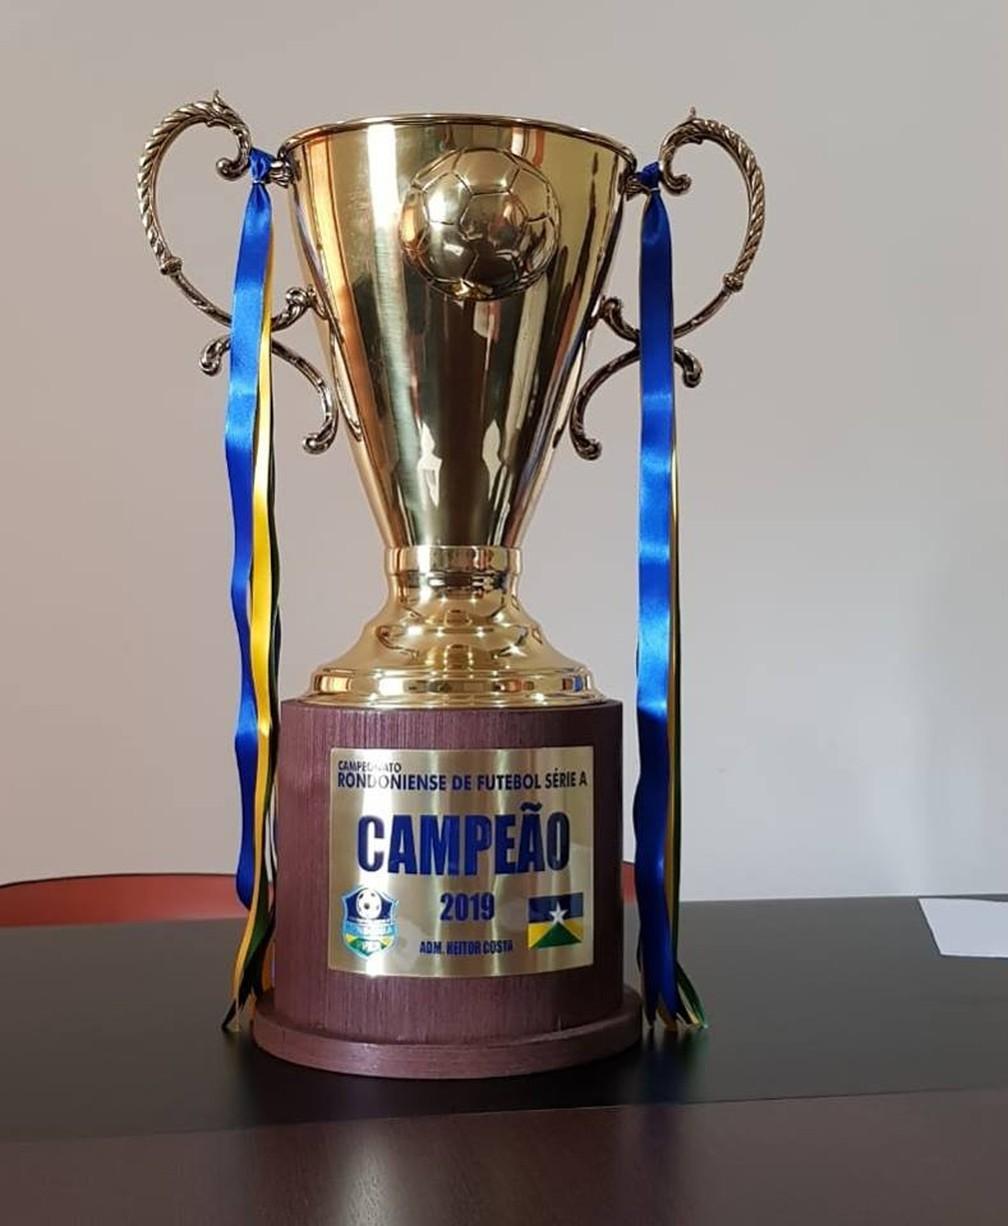 Disputado Por Dez Clubes Trofeu Do Campeonato Rondoniense 2019 E Apresentado Pela Ffer Ro Ge